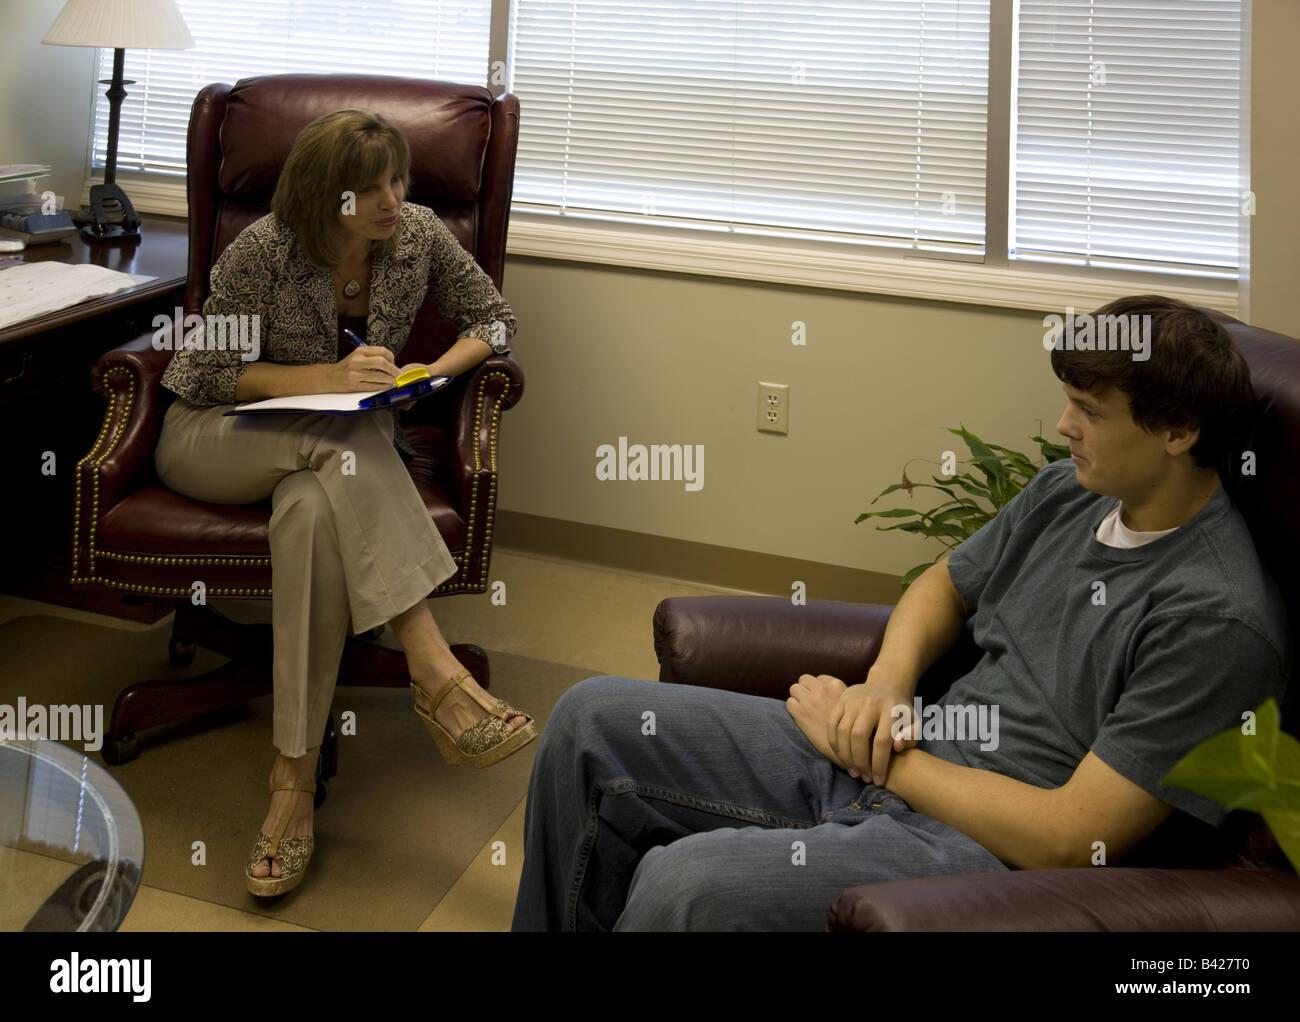 Ein 17-j hrige bespricht seine Pläne für die Zukunft mit einem weiblichen Psychotherapeuten. Stockbild